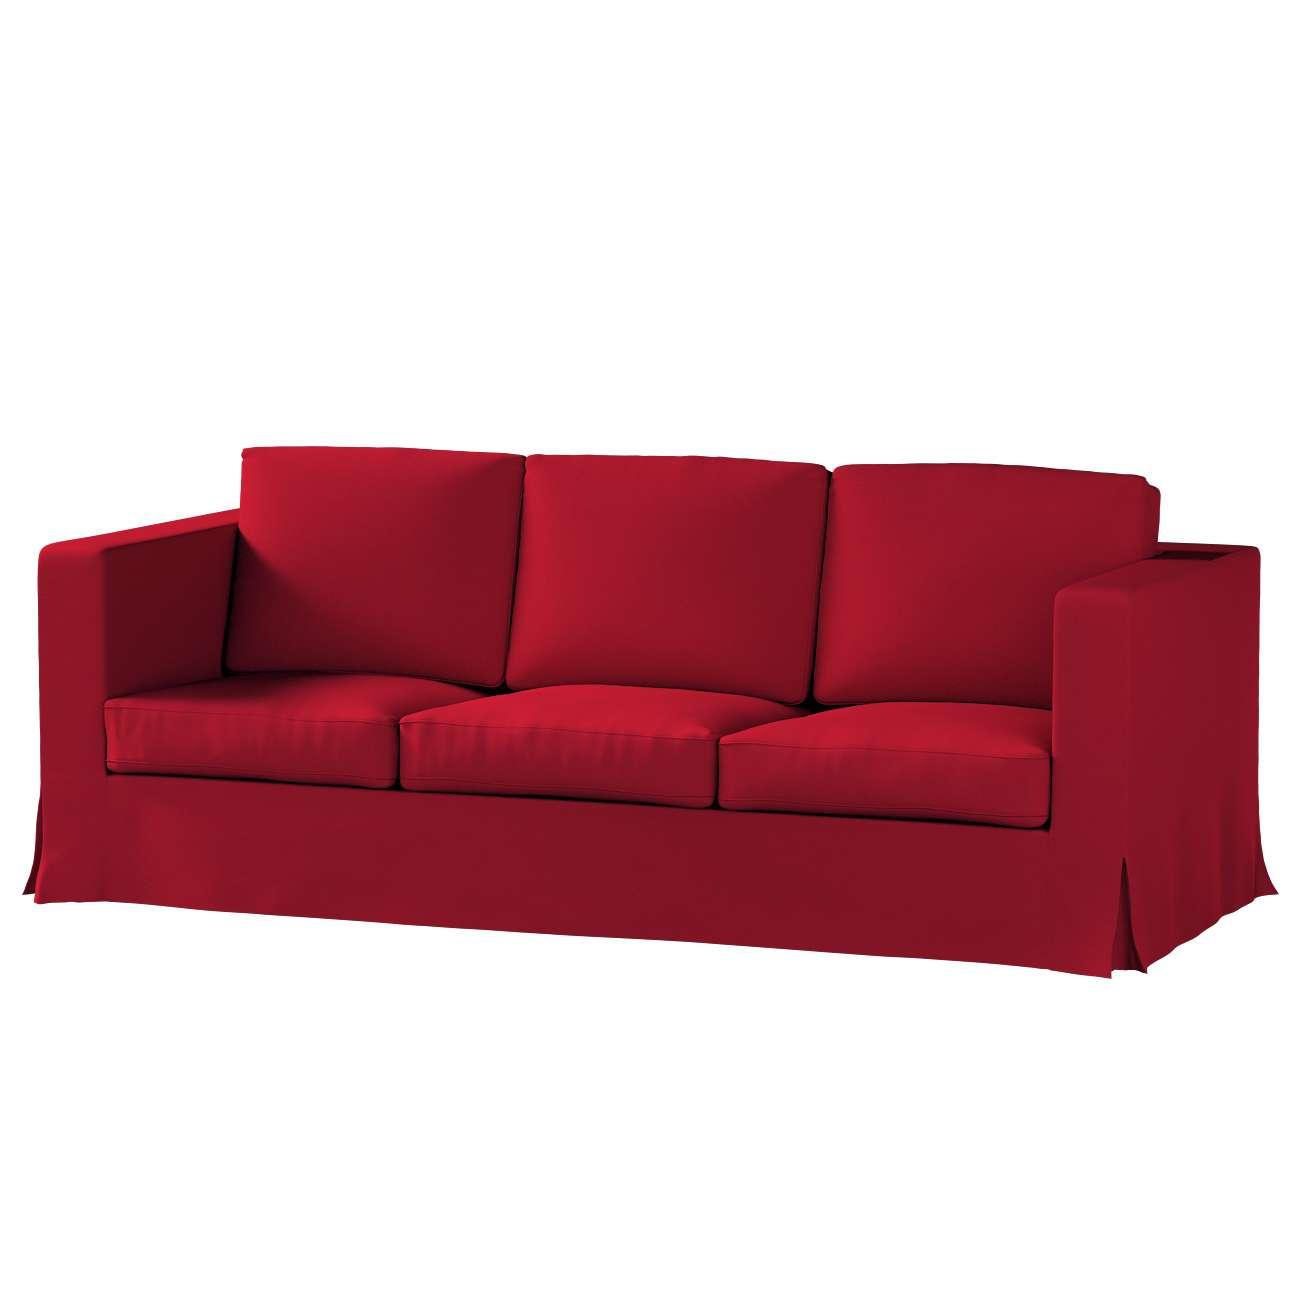 Pokrowiec na sofę Karlanda 3-osobową nierozkładaną, długi w kolekcji Etna , tkanina: 705-60